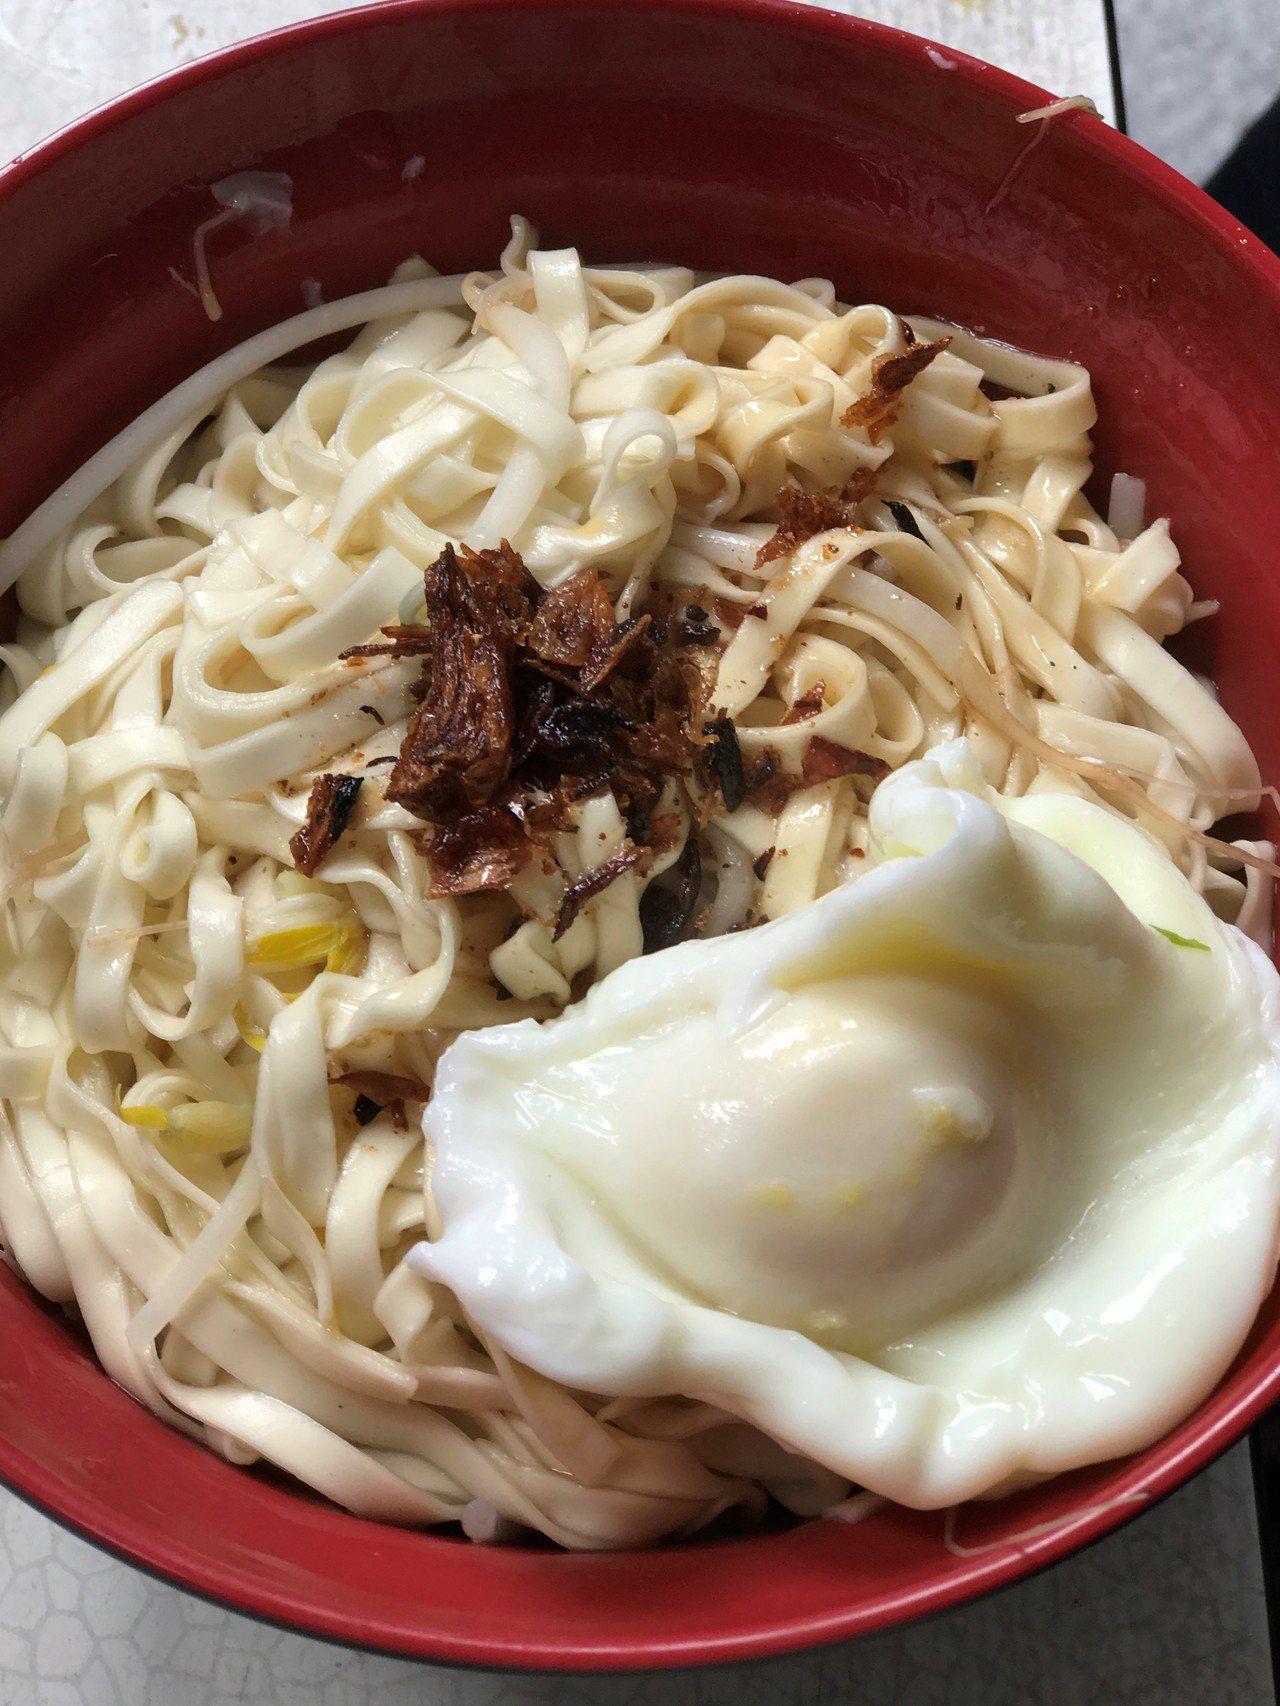 加一顆水煮蛋,簡單的乾麵瞬間都澎湃起來了。記者吳淑君/攝影